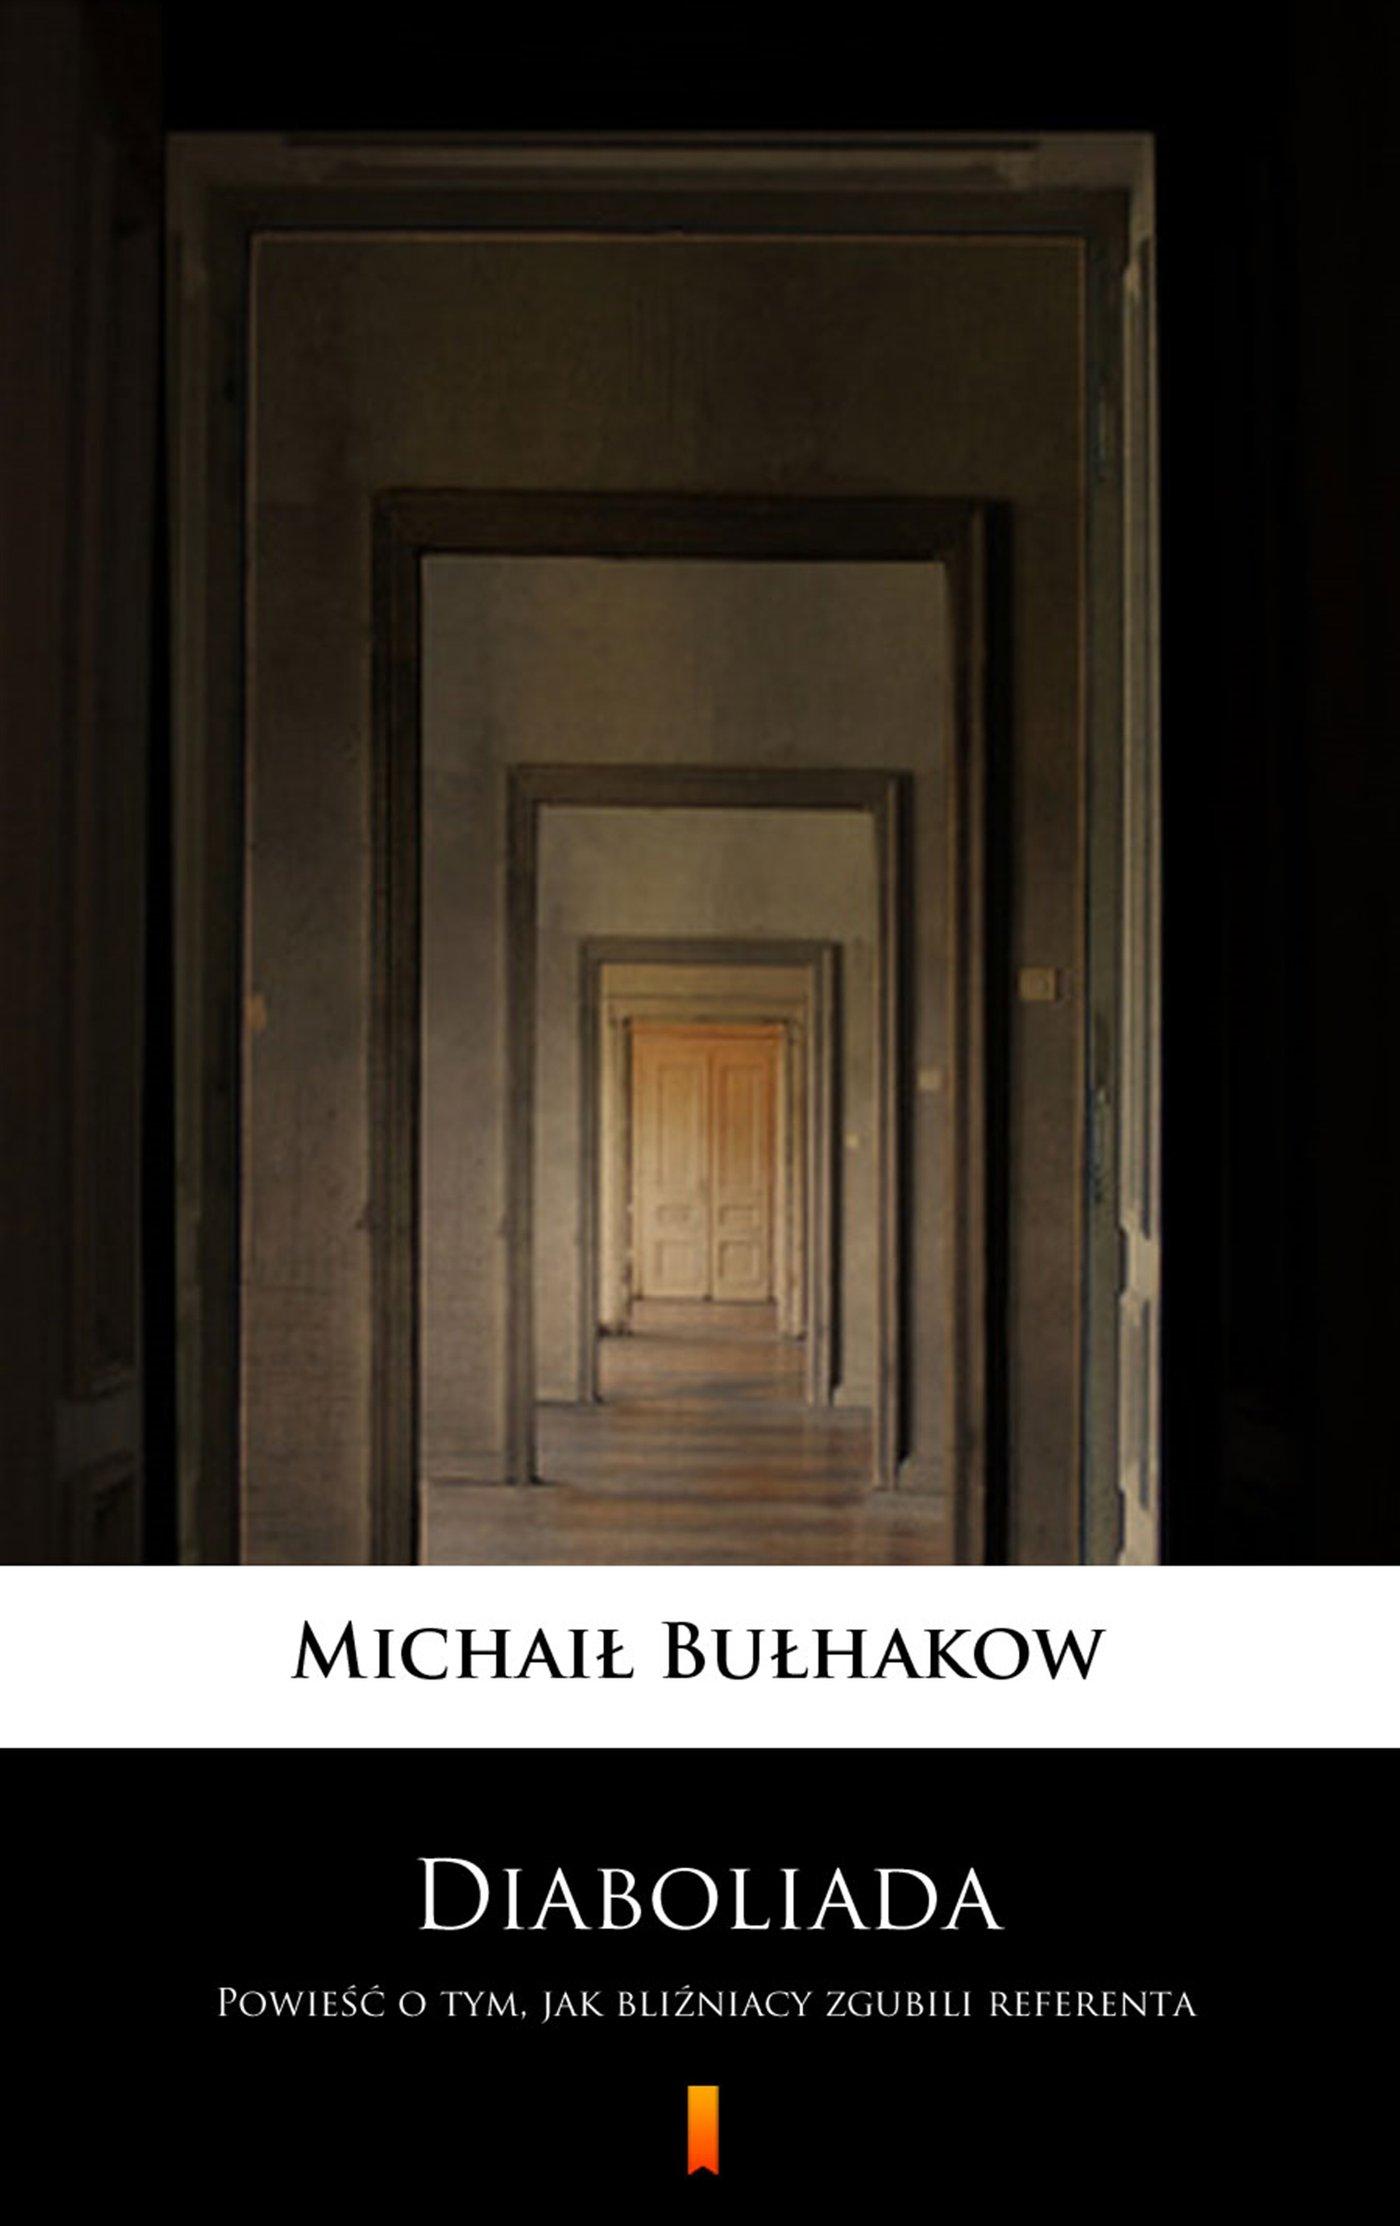 Diaboliada - Ebook (Książka EPUB) do pobrania w formacie EPUB